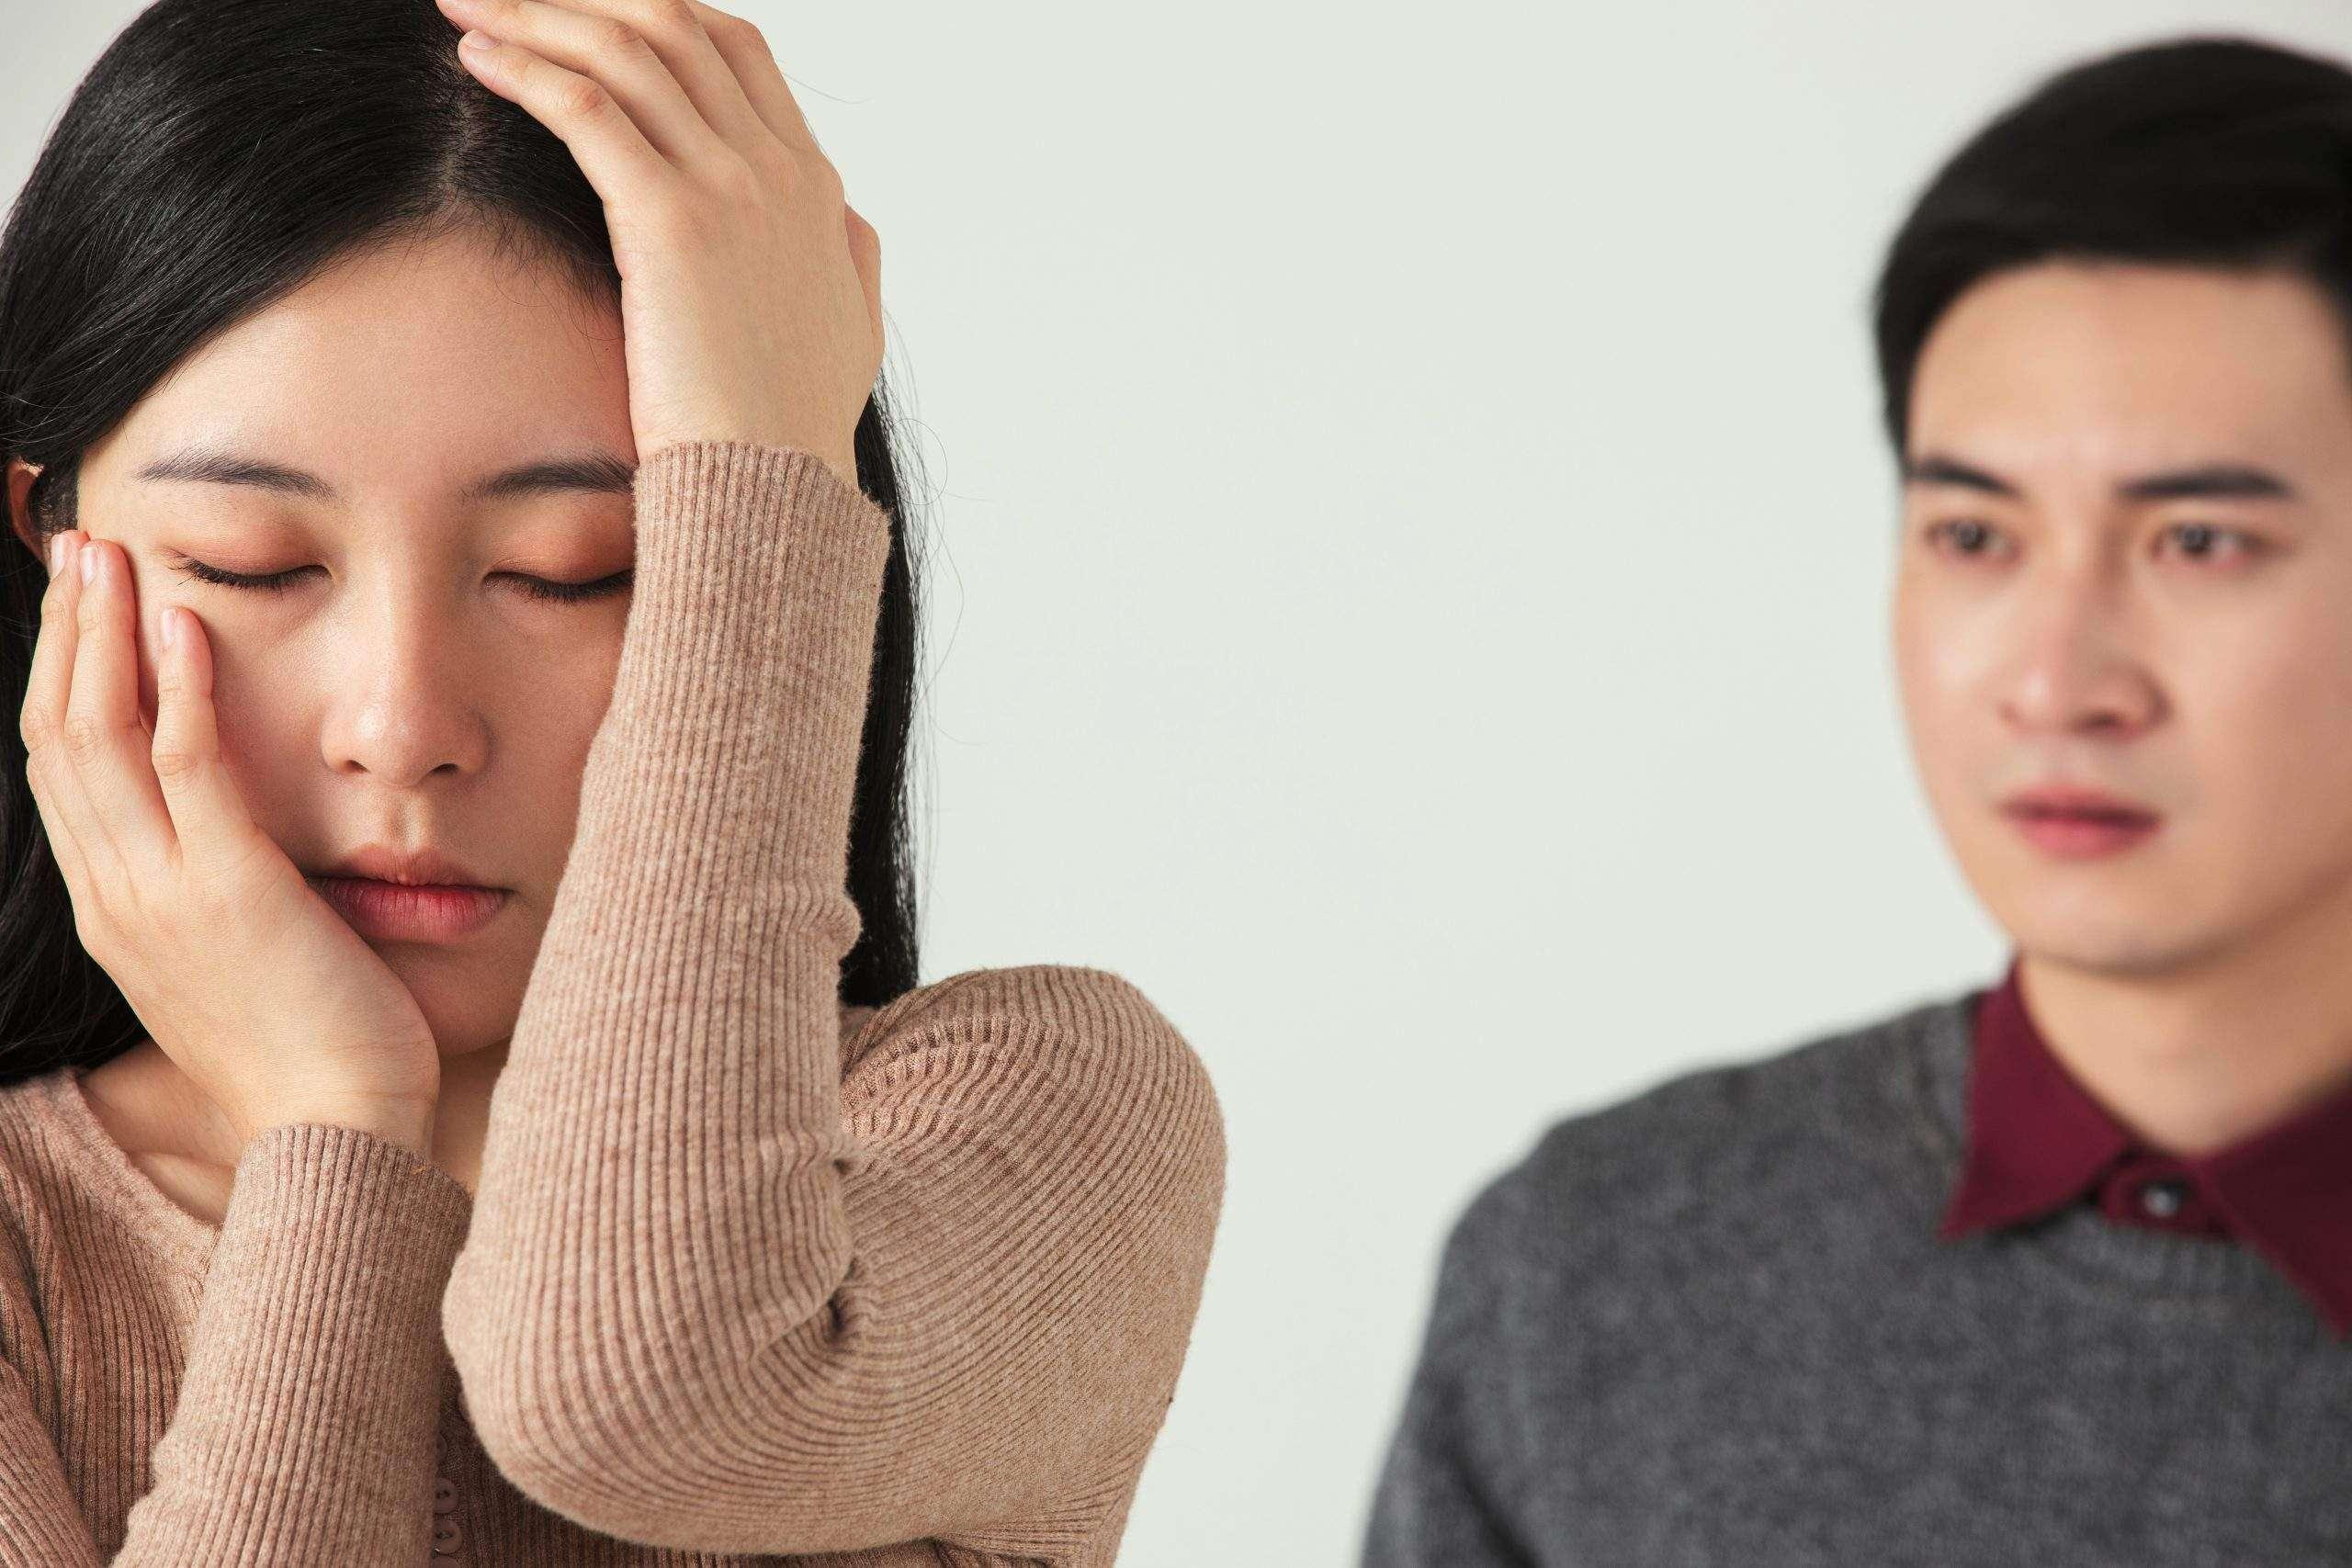 Thích sở hữu nhau sẽ dễ dẫn đến ly hôn